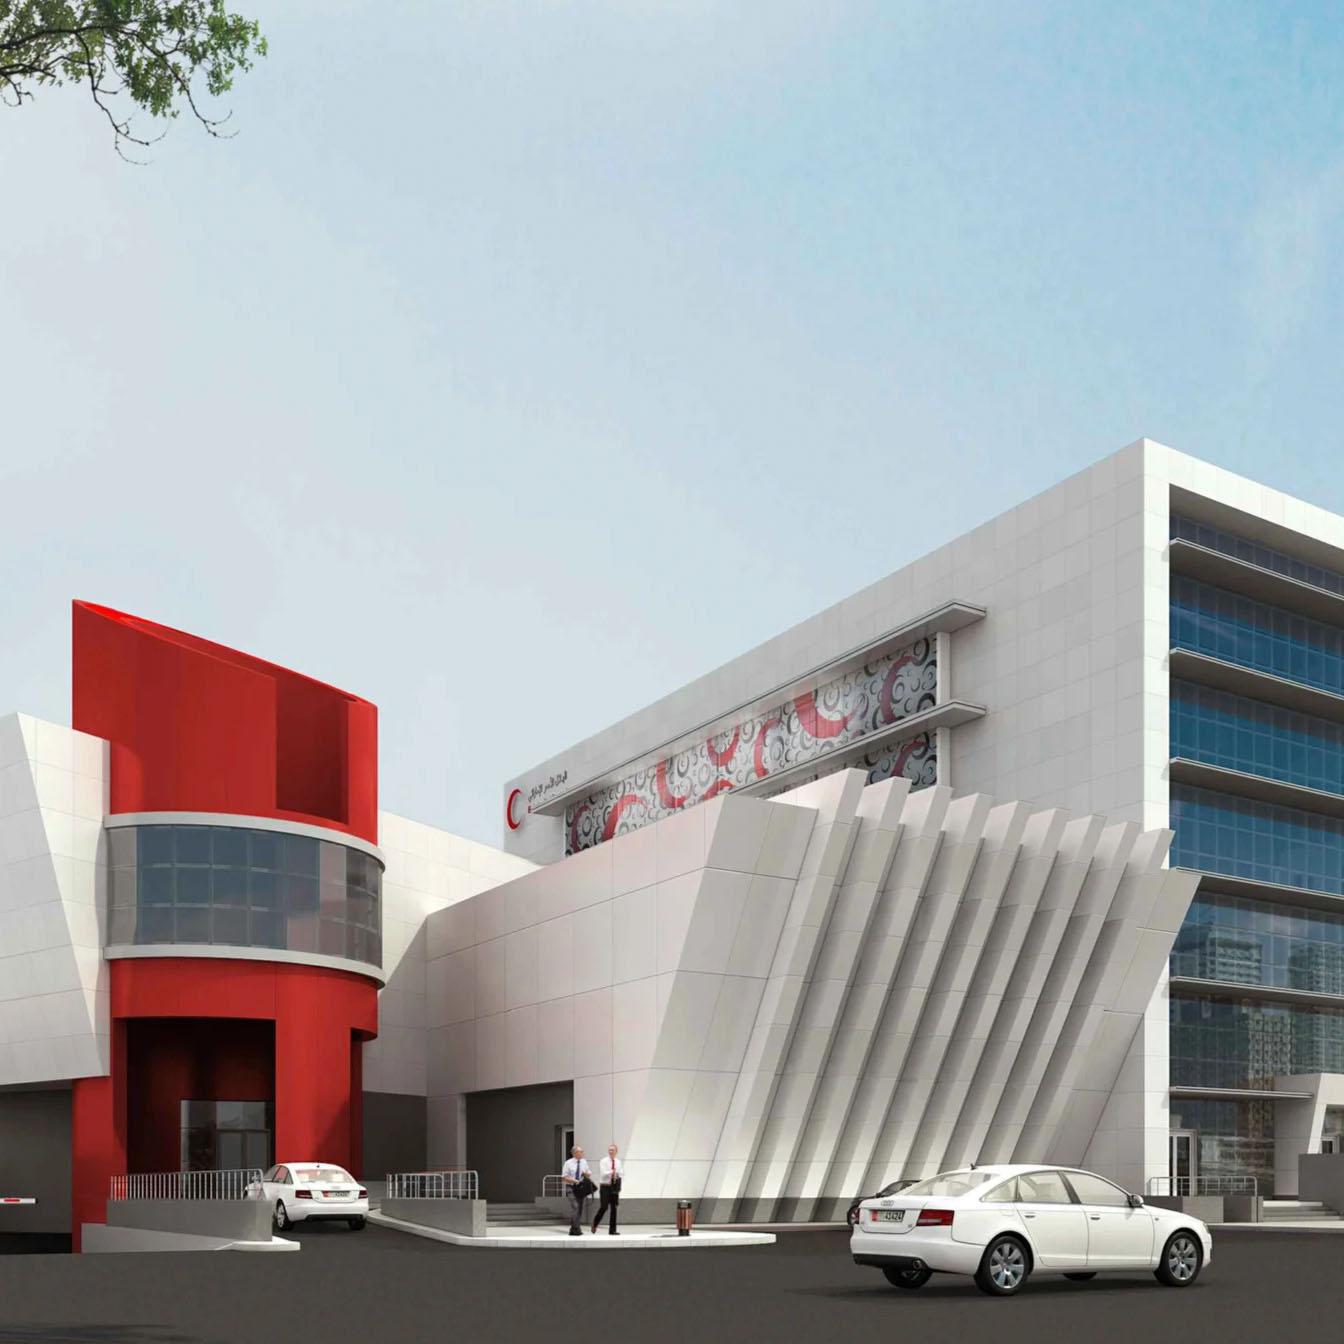 Emirates Red Crescent HQ